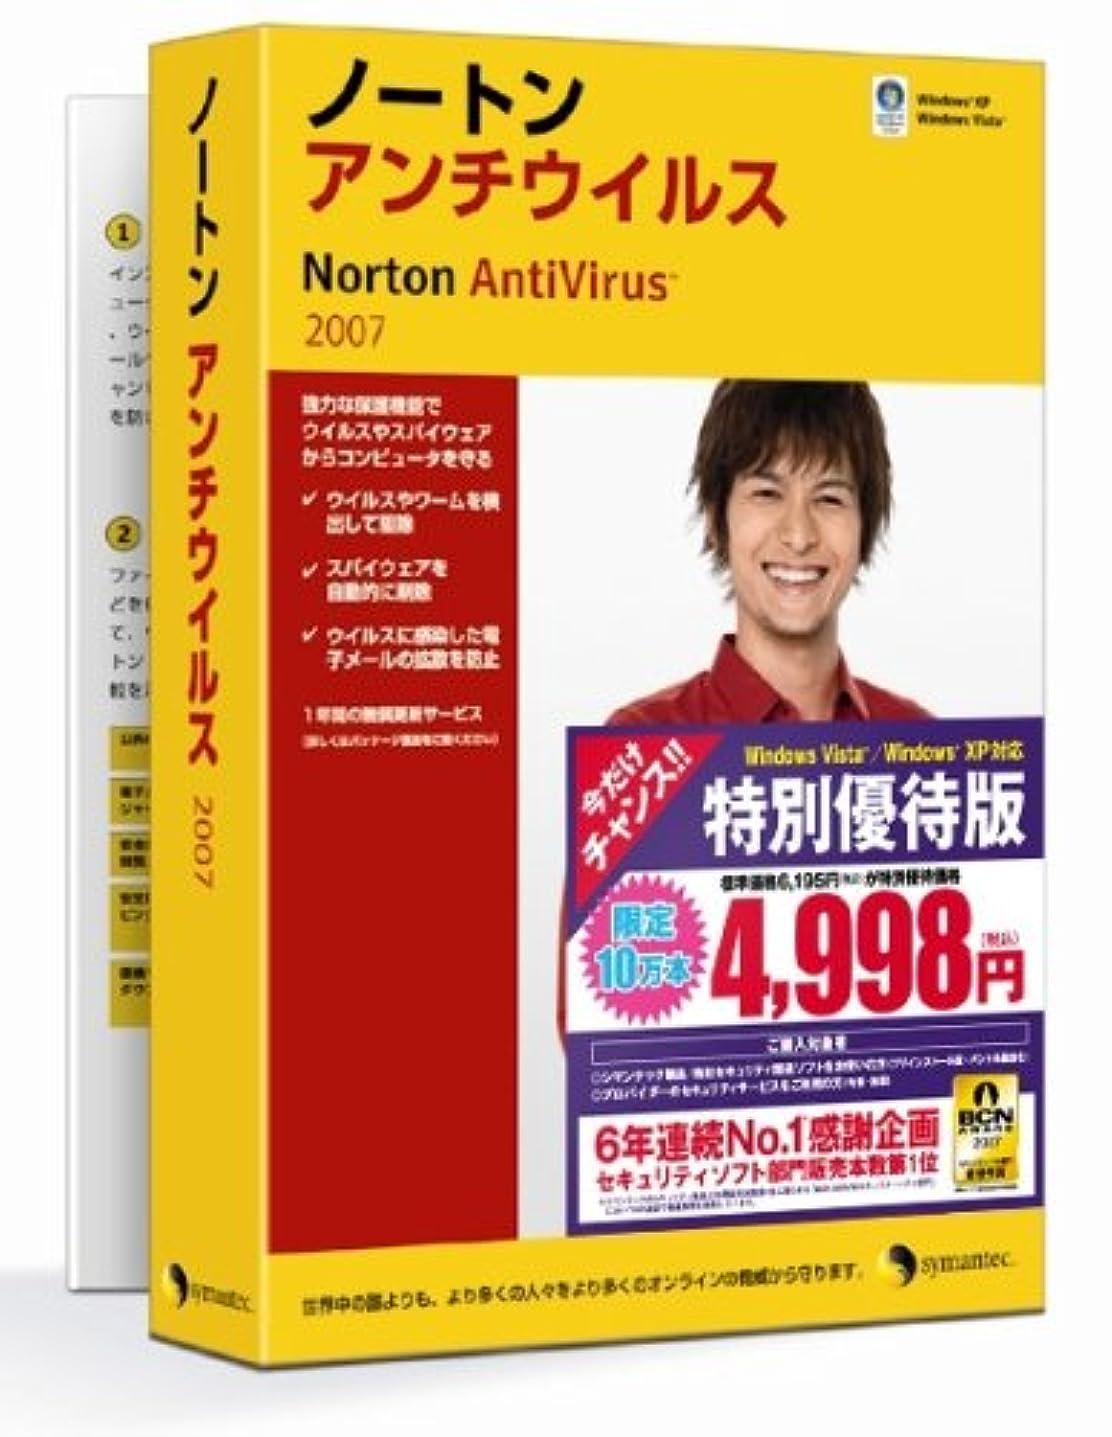 崇拝します腐った多数の【旧商品】Norton AntiVirus 2007 VISTA対応 特別優待版